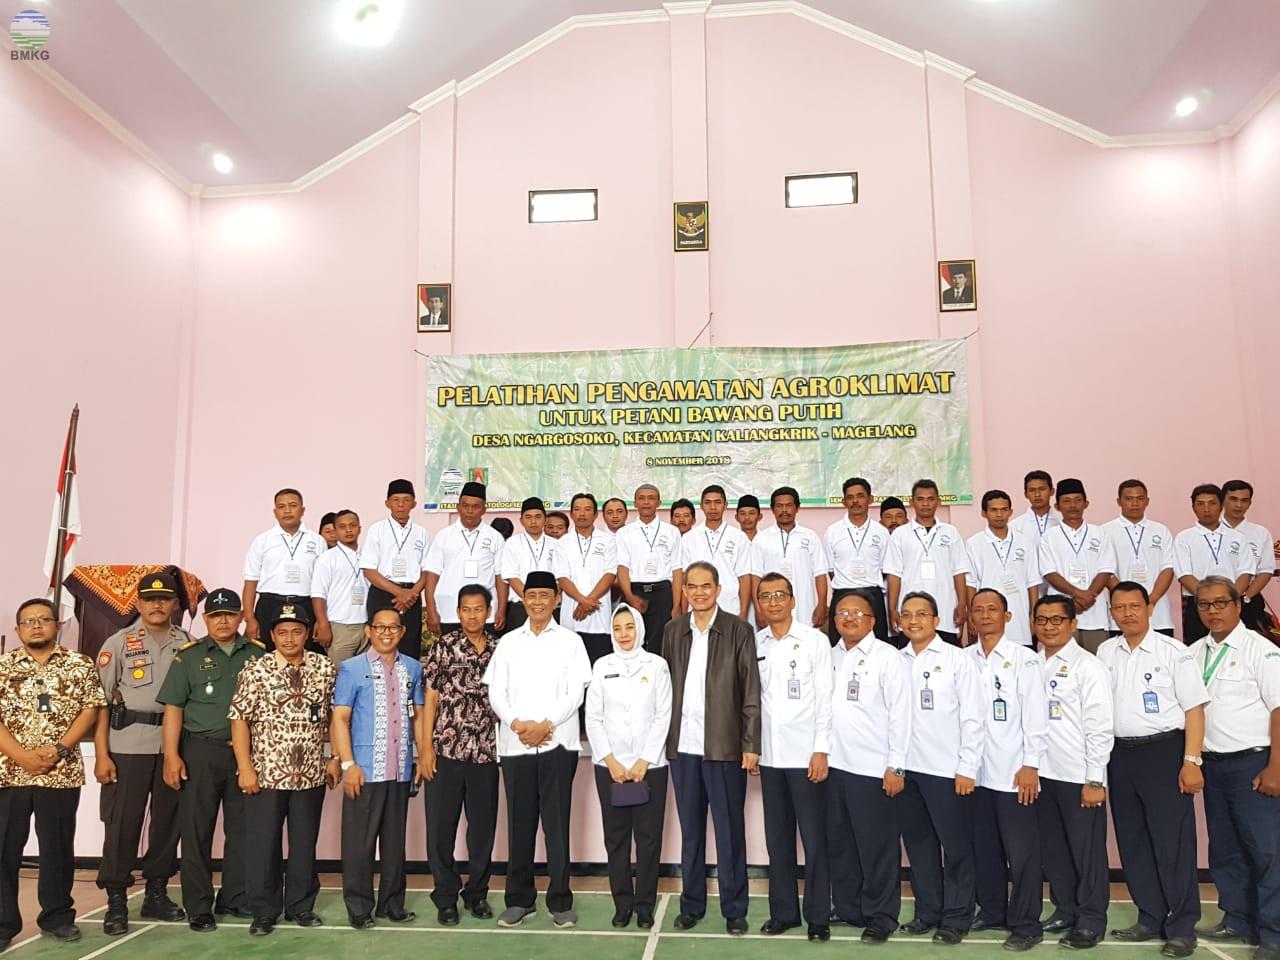 Tingkatkan Hasil Pertanian dengan Pelatihan Pengamatan Agroklimat